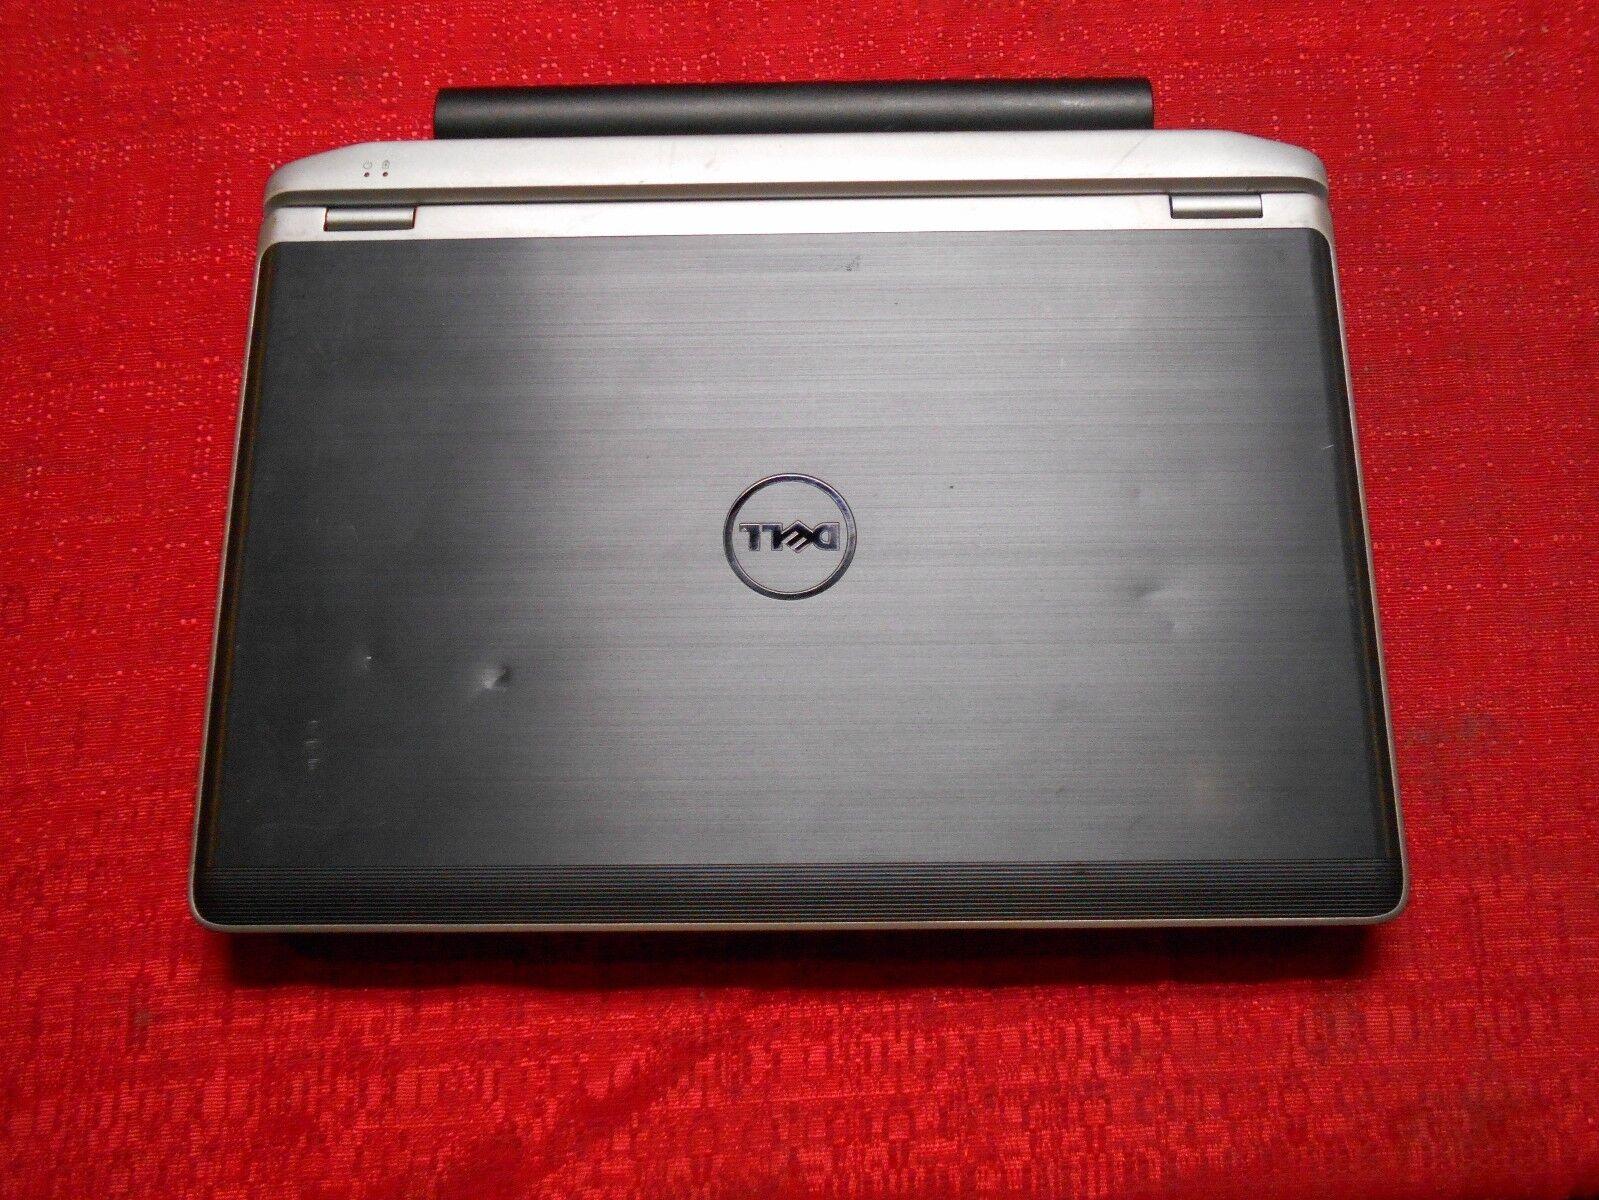 Dell Latitude E6220 64 Bit Win 7 i7-2640MQ 2.8 GHZ 6 GB Memory 500 GB HDD Laptop